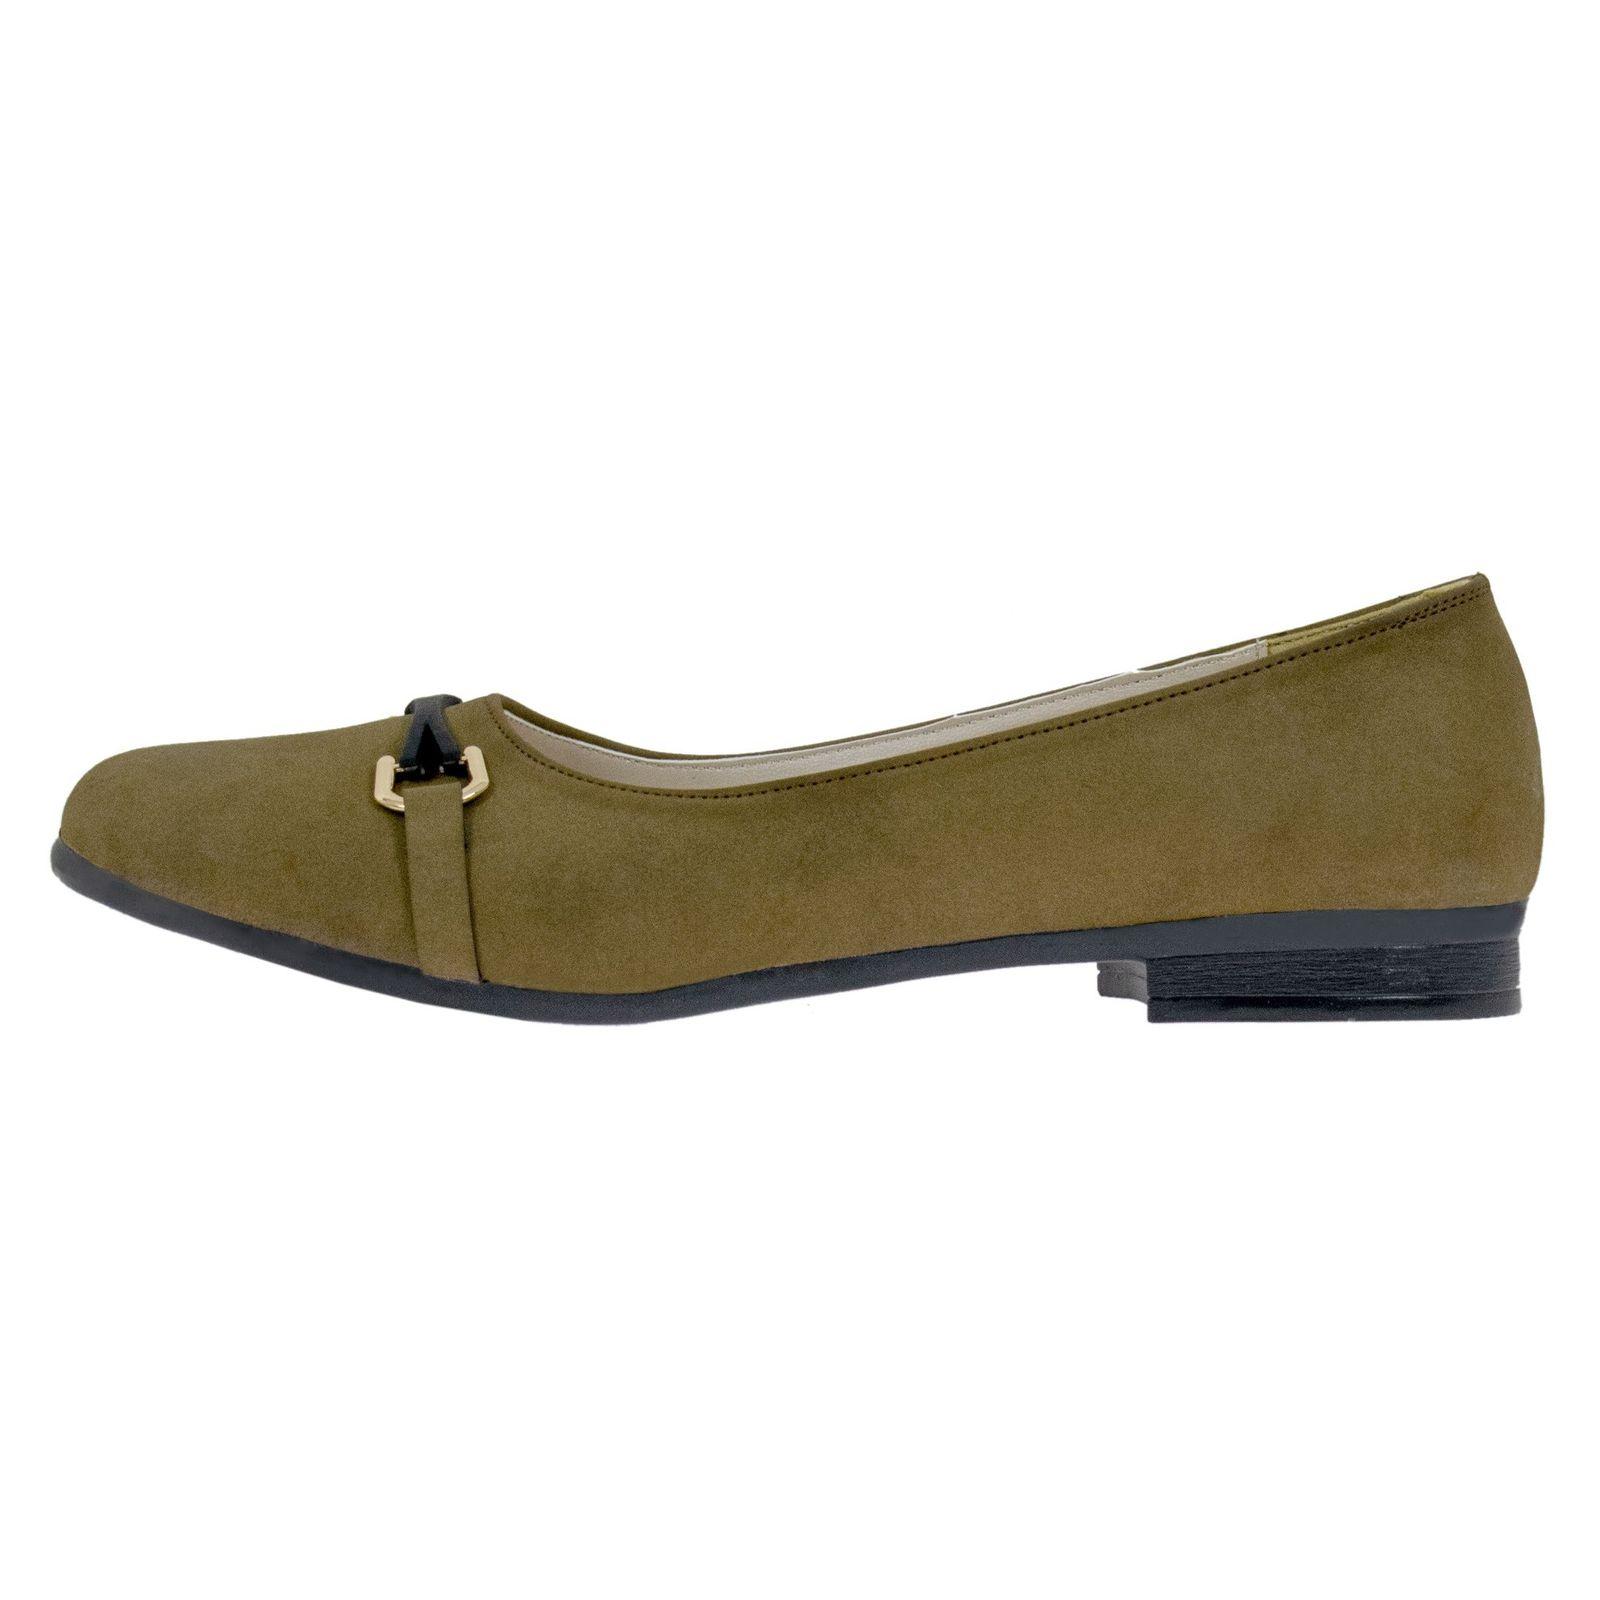 کفش زنانه آذاردو مدل W05403  main 1 1